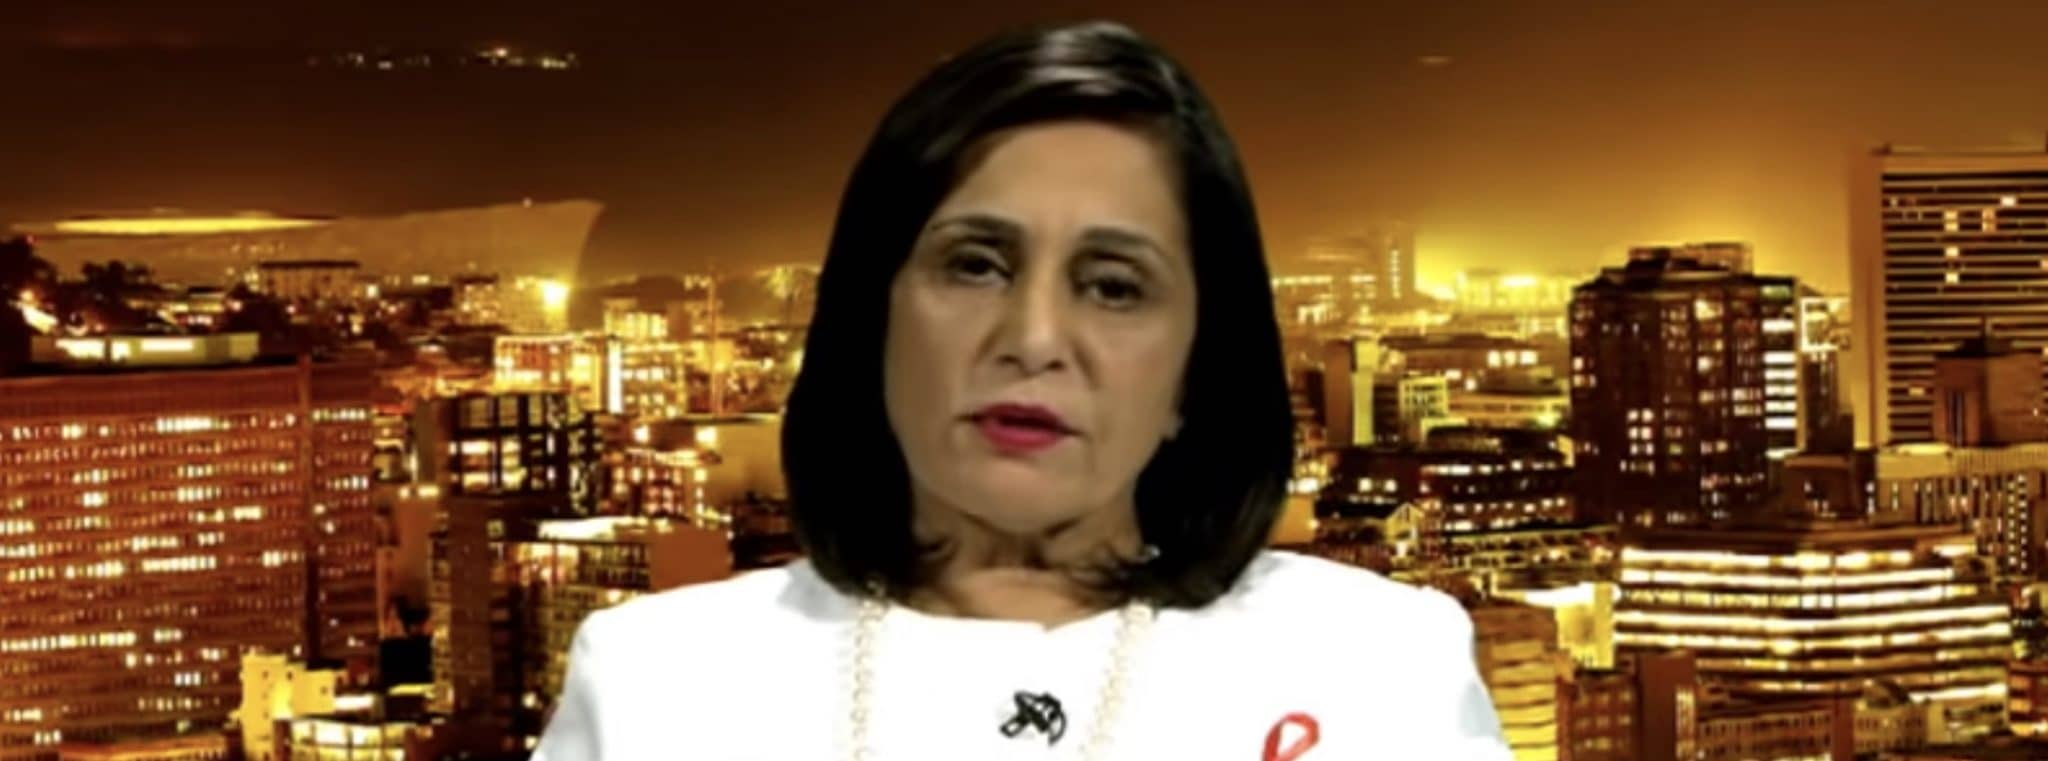 Rita Gamjee